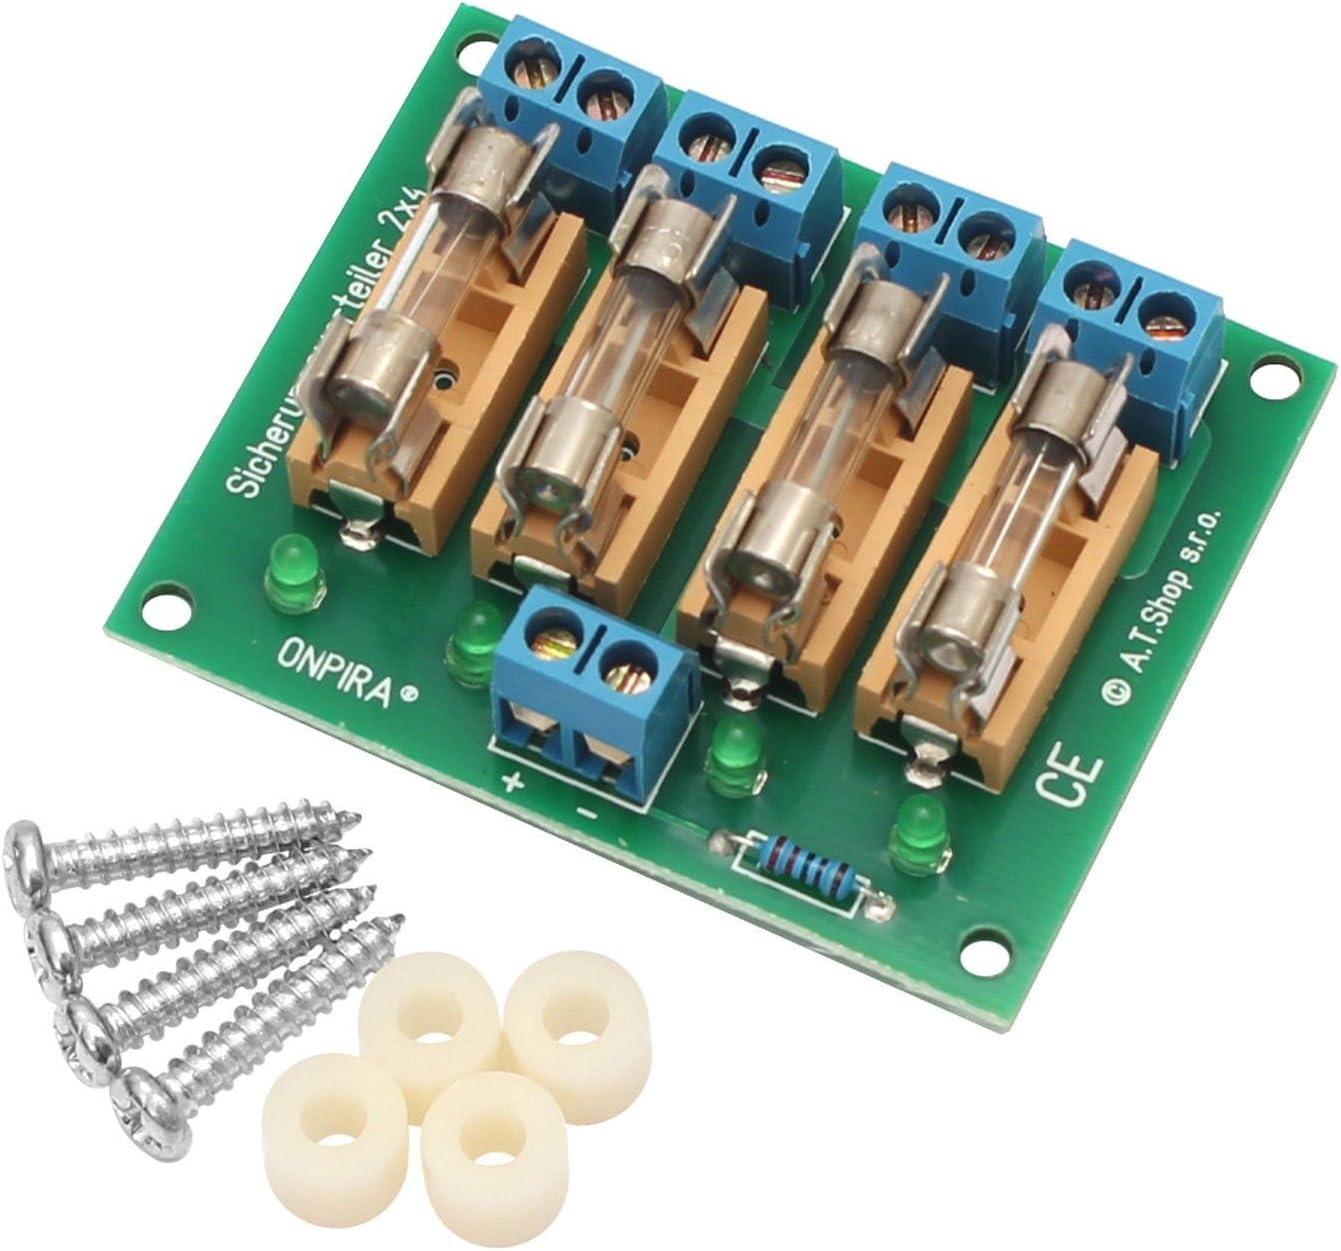 Edelstahlmarkenshop Stromverteiler Verteiler 12a Belastbar Modellbau Sicherungsverteiler 2x4 Spielzeug